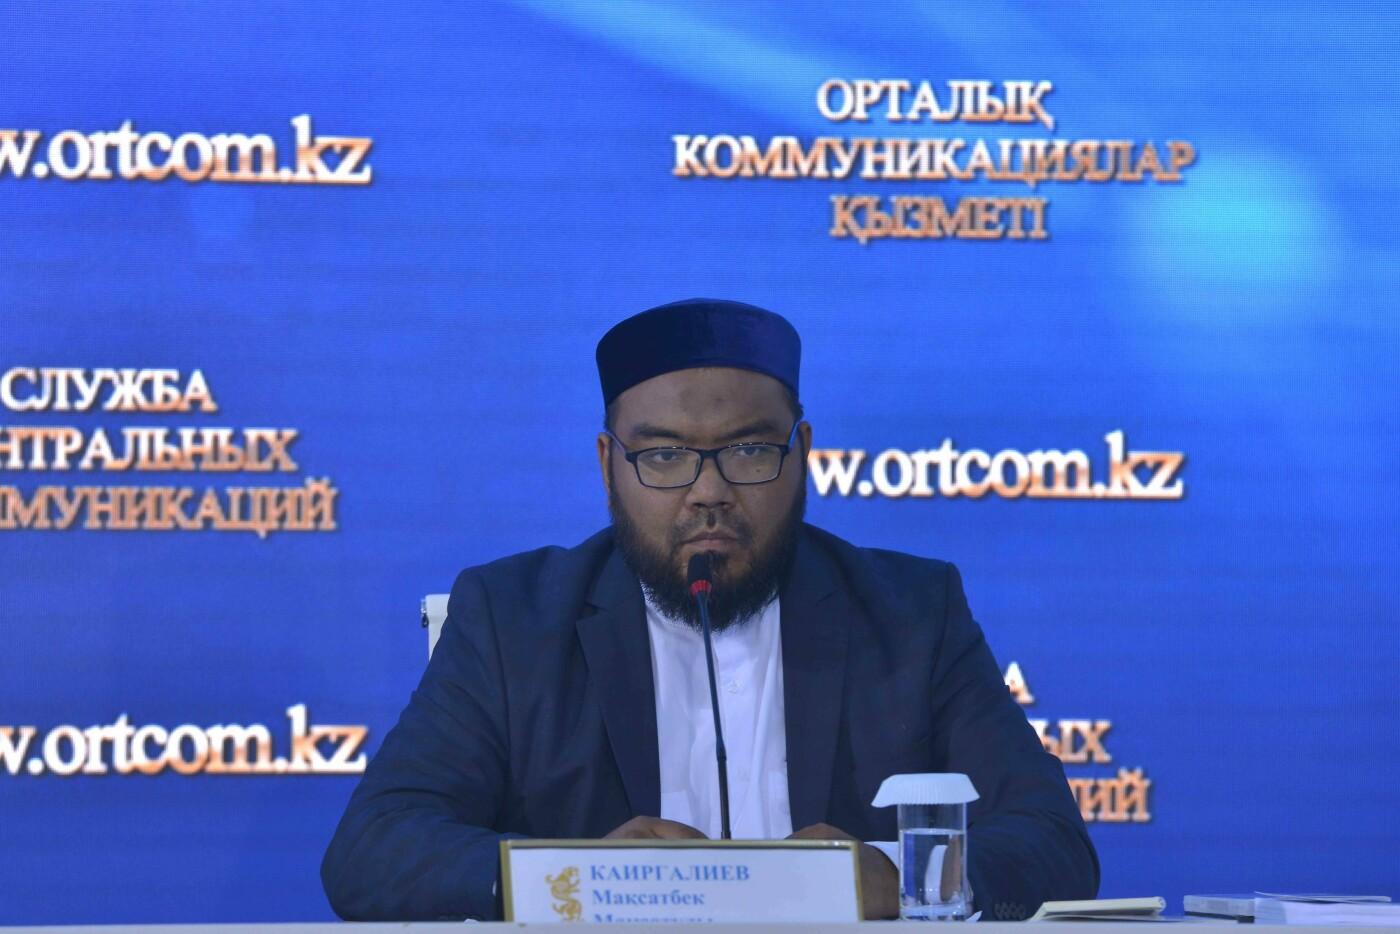 Казахстанцам советуют не совершать хадж в кредит, фото-1